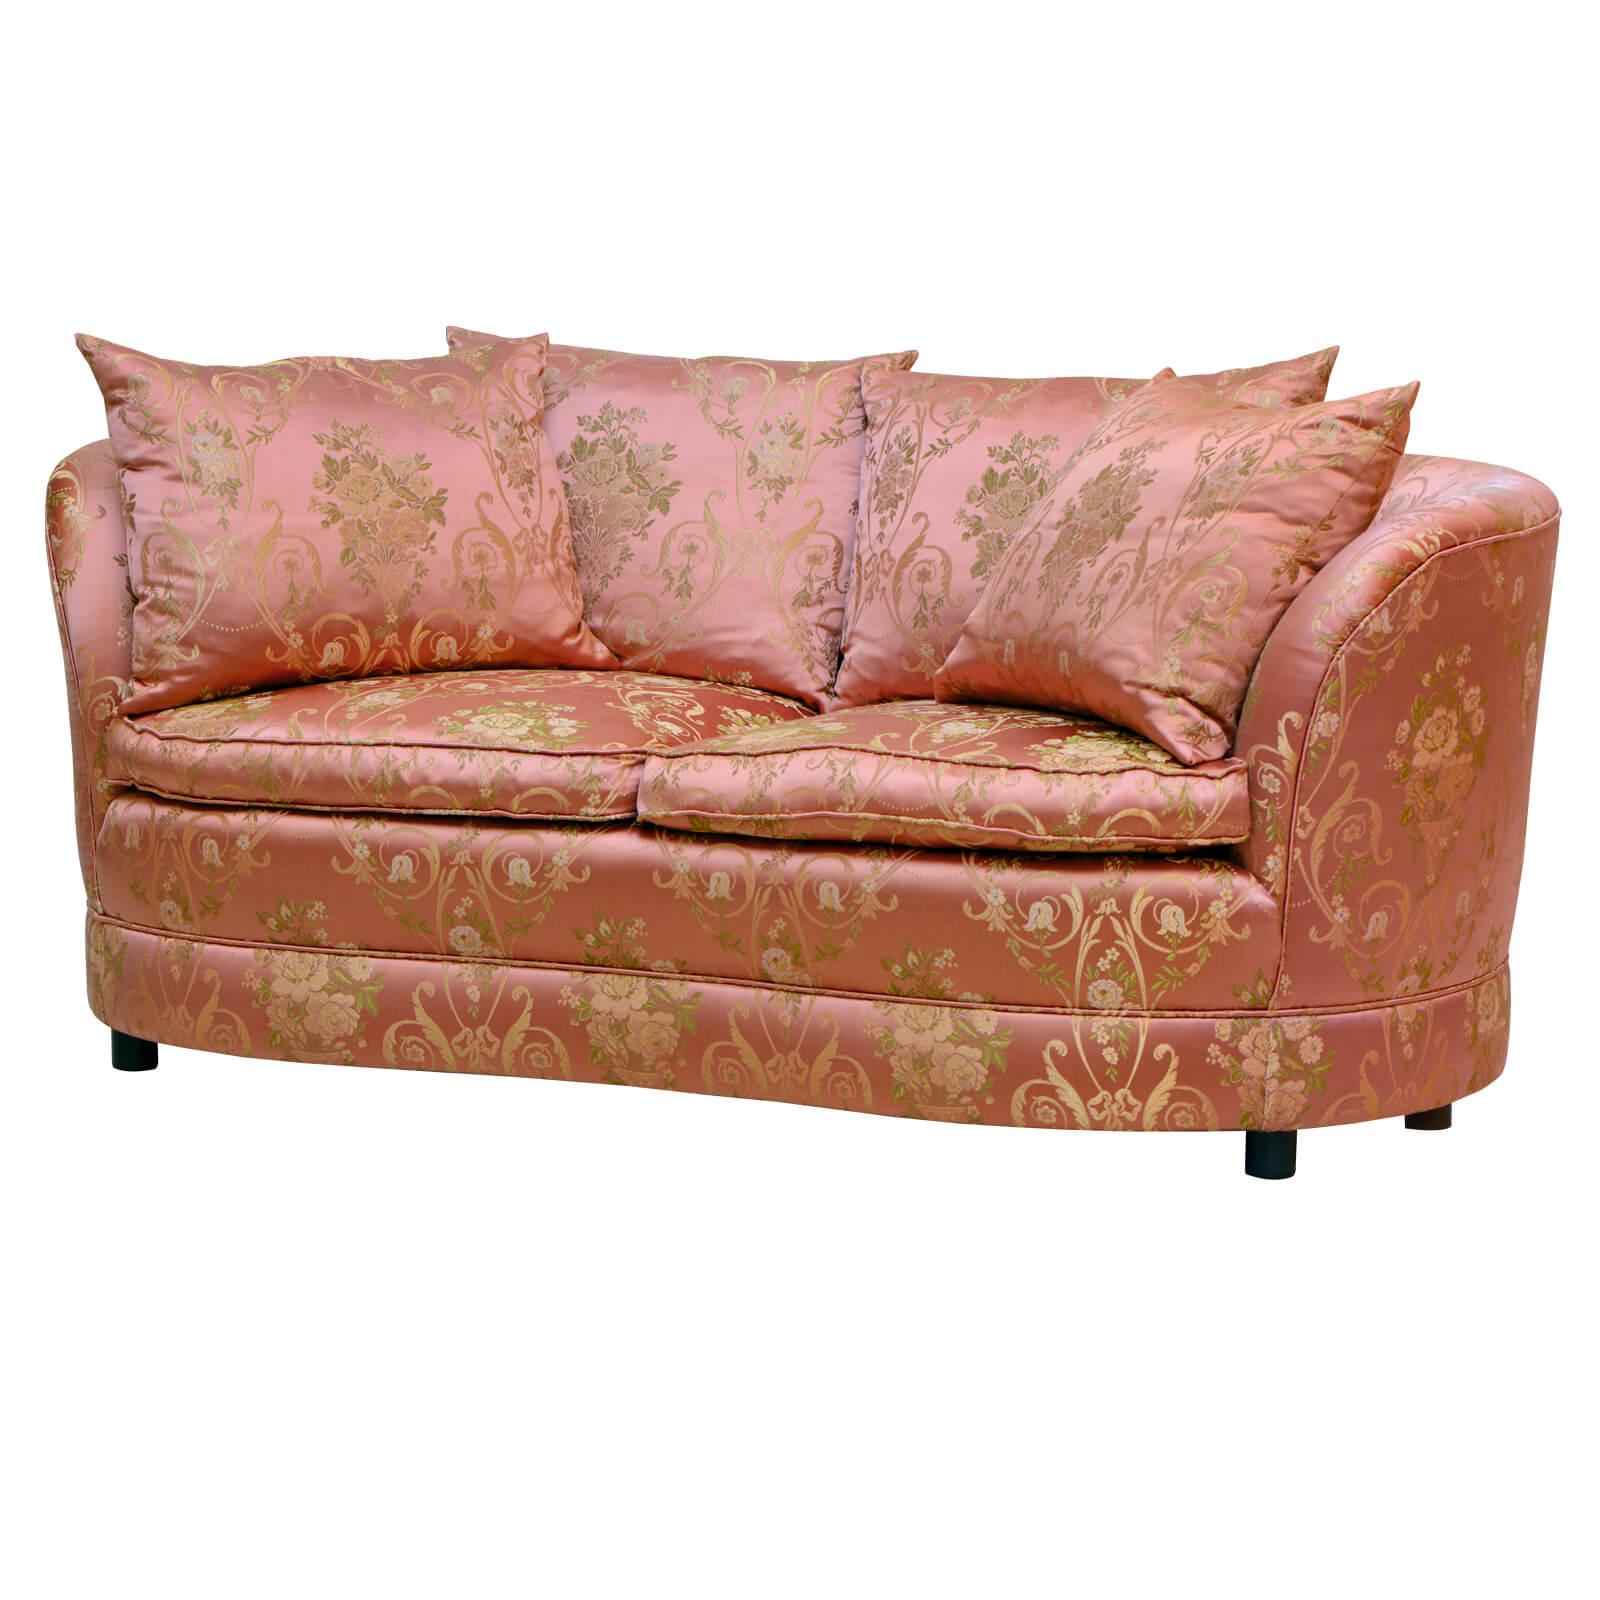 Sofa Leandra in ausergewöhnlicher Form mit seidenglänzendem Stoff bezogen. aus zweiter Hand